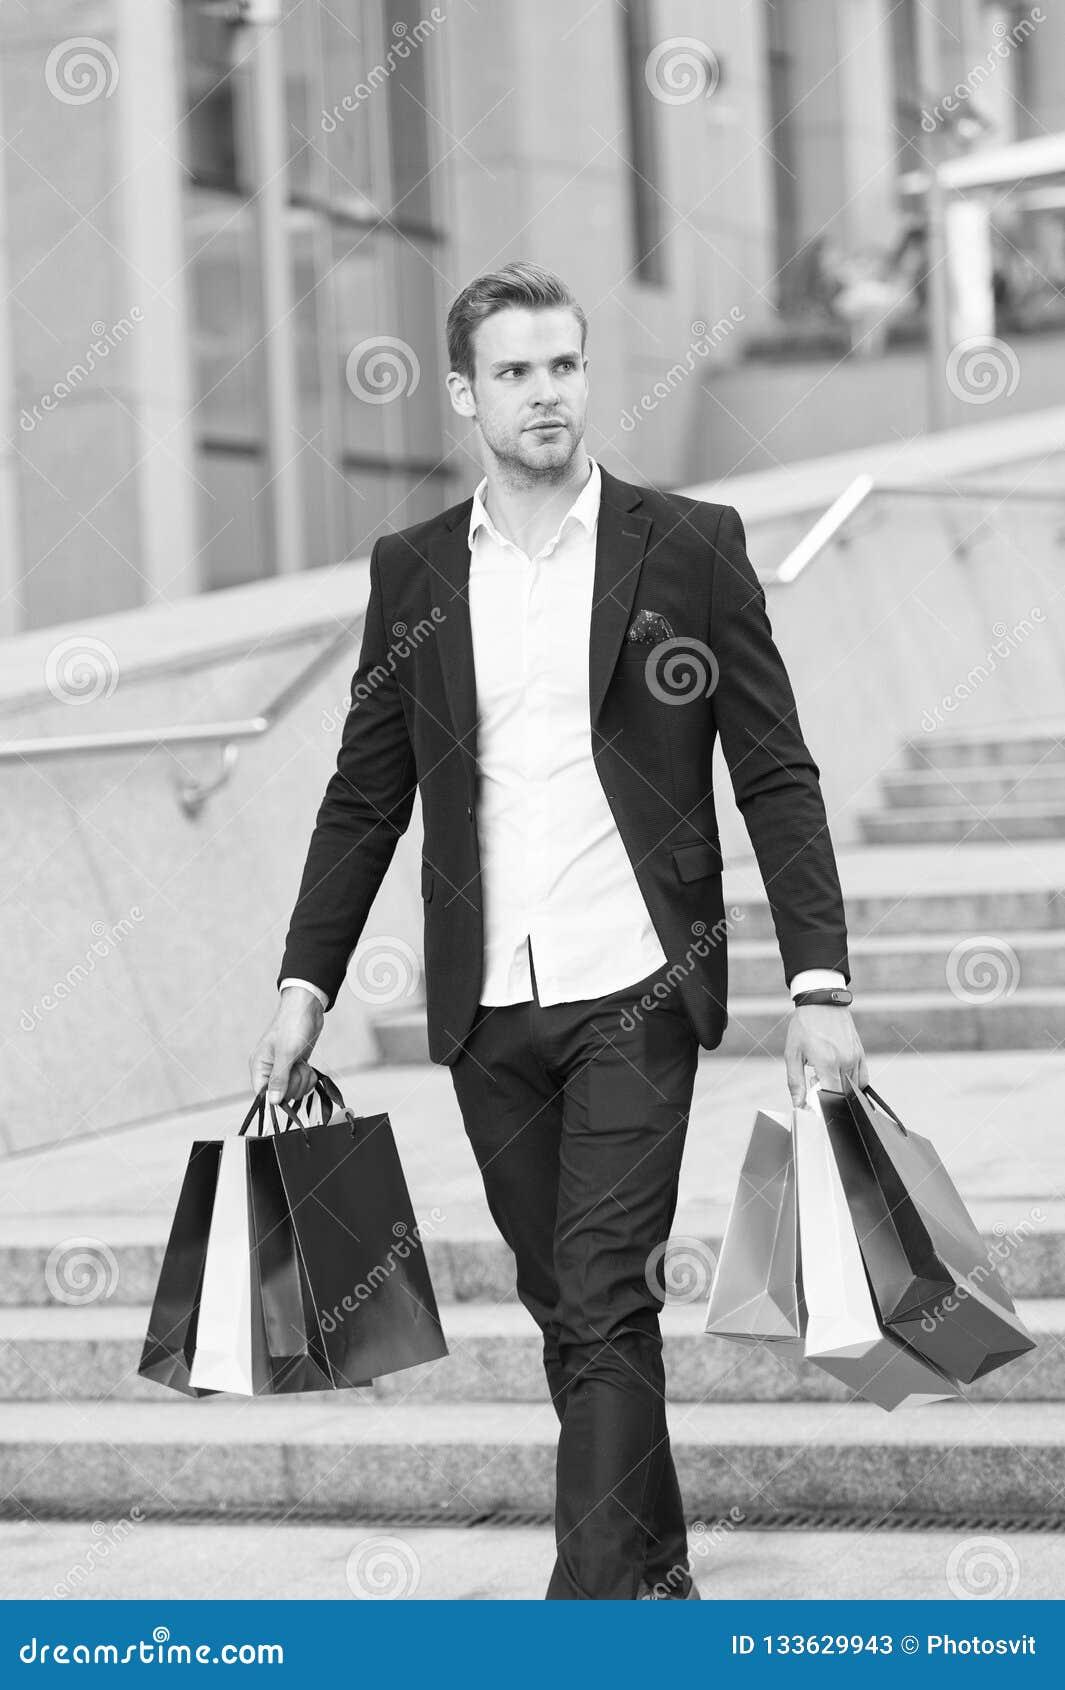 豪华购物 精品店画廊客户 人顾客运载购物袋都市背景 成功的生意人